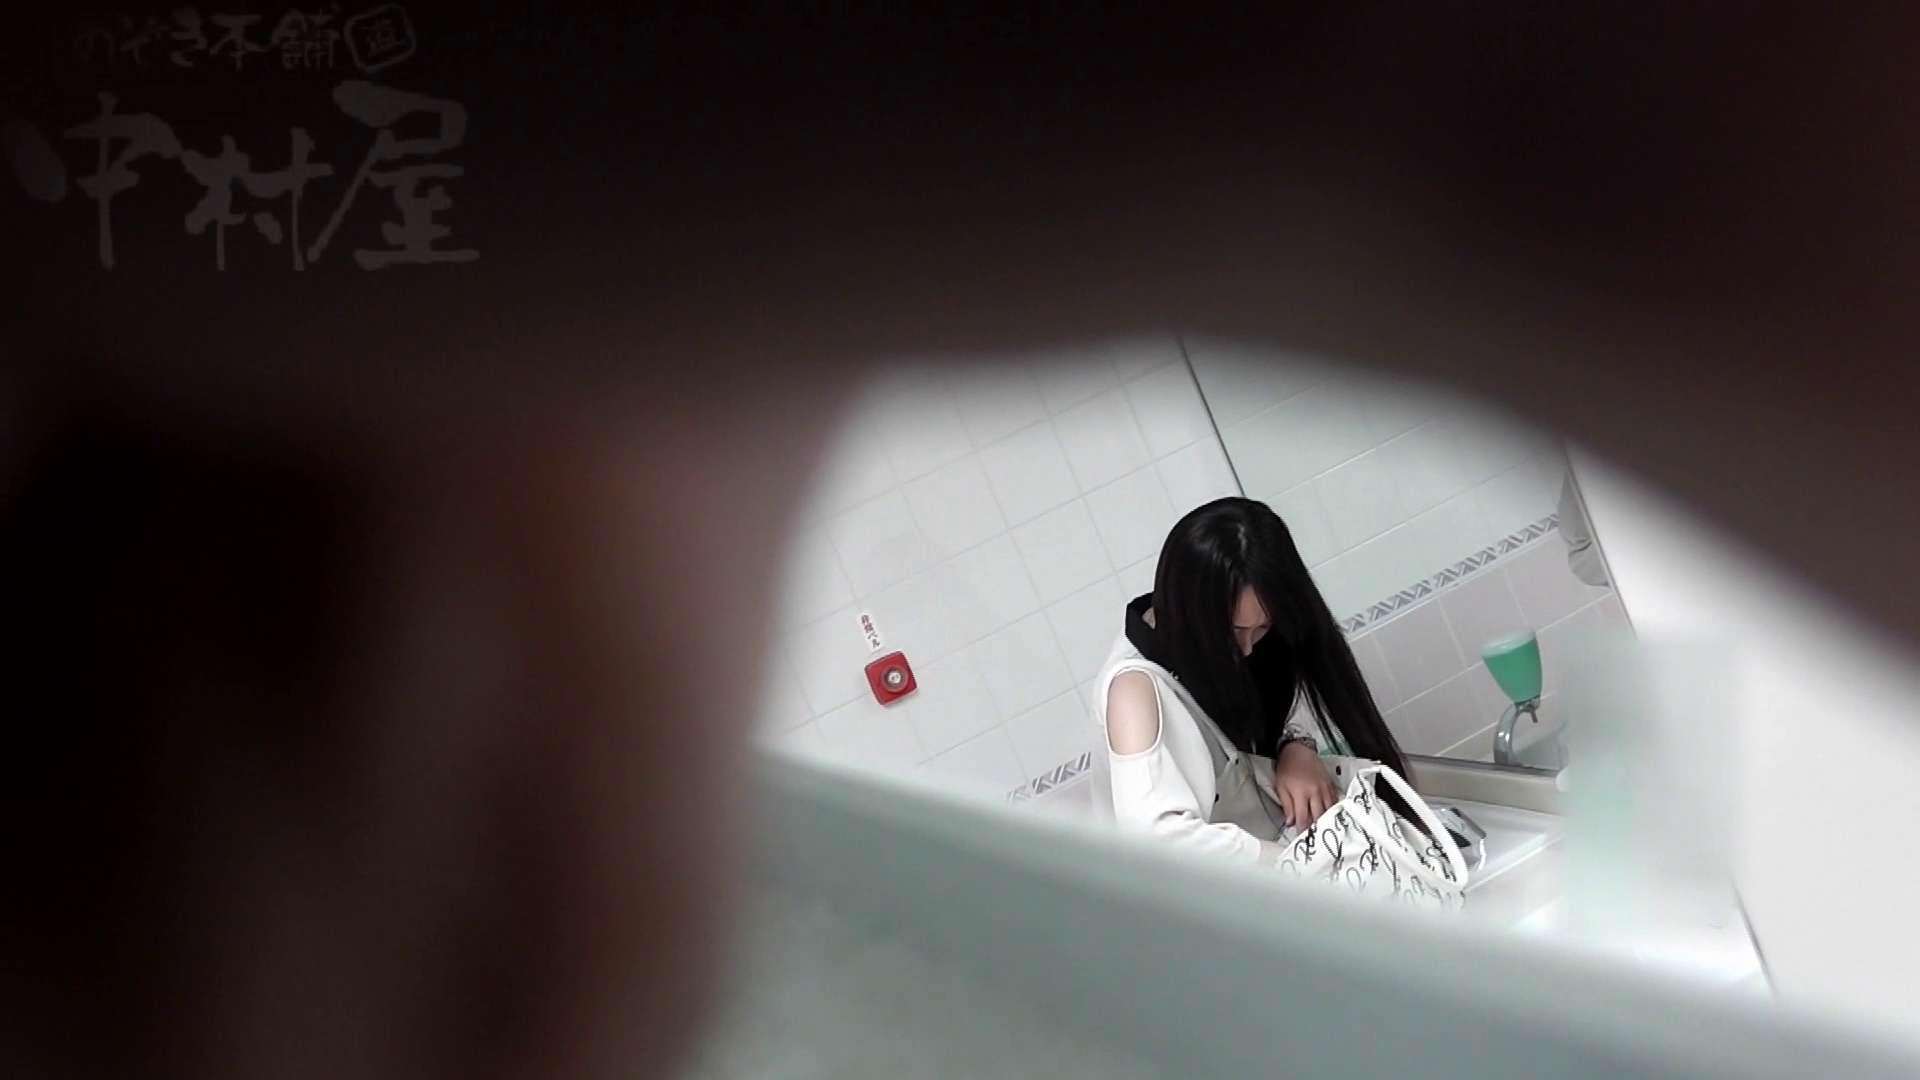 美しい日本の未来 No.25 「22」に登場した子がまさかの大で再登場!! 卑猥 エロ画像 30連発 22